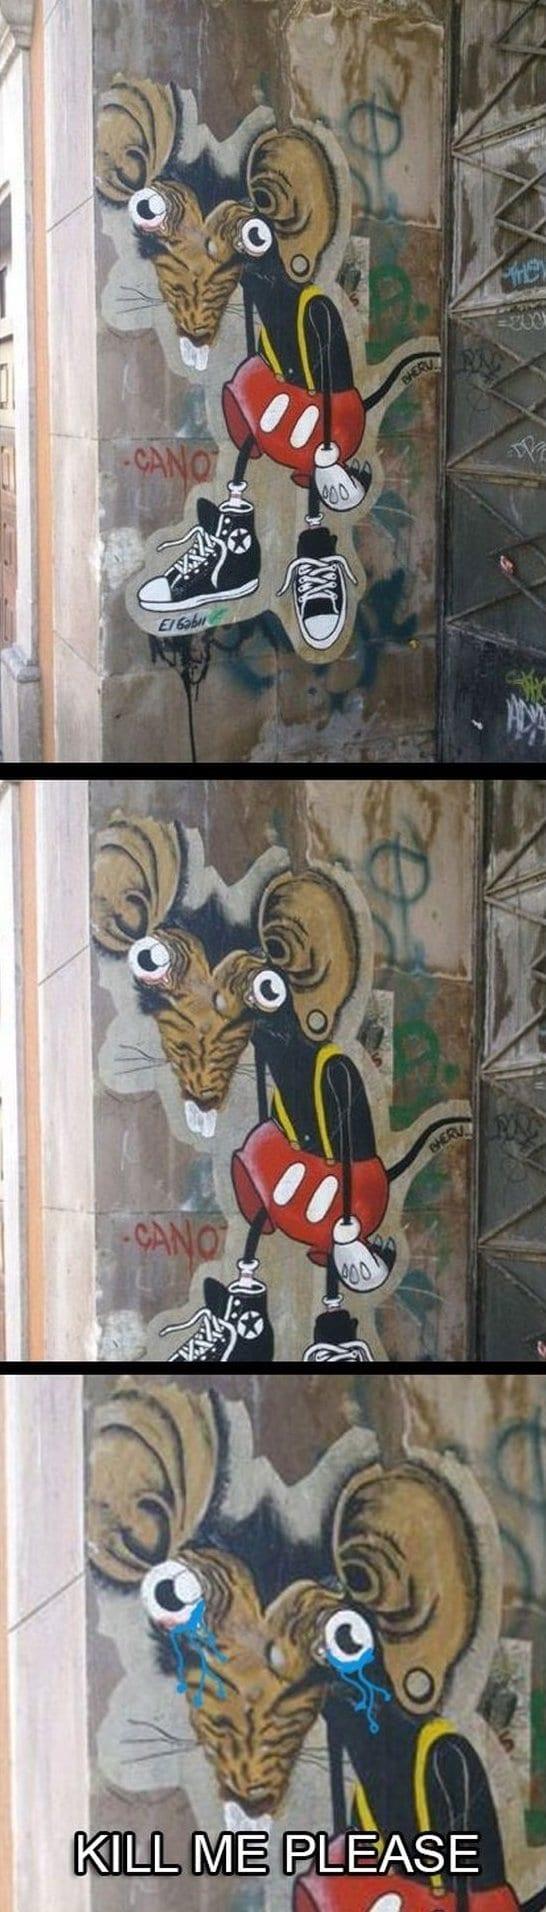 graffiti-2014